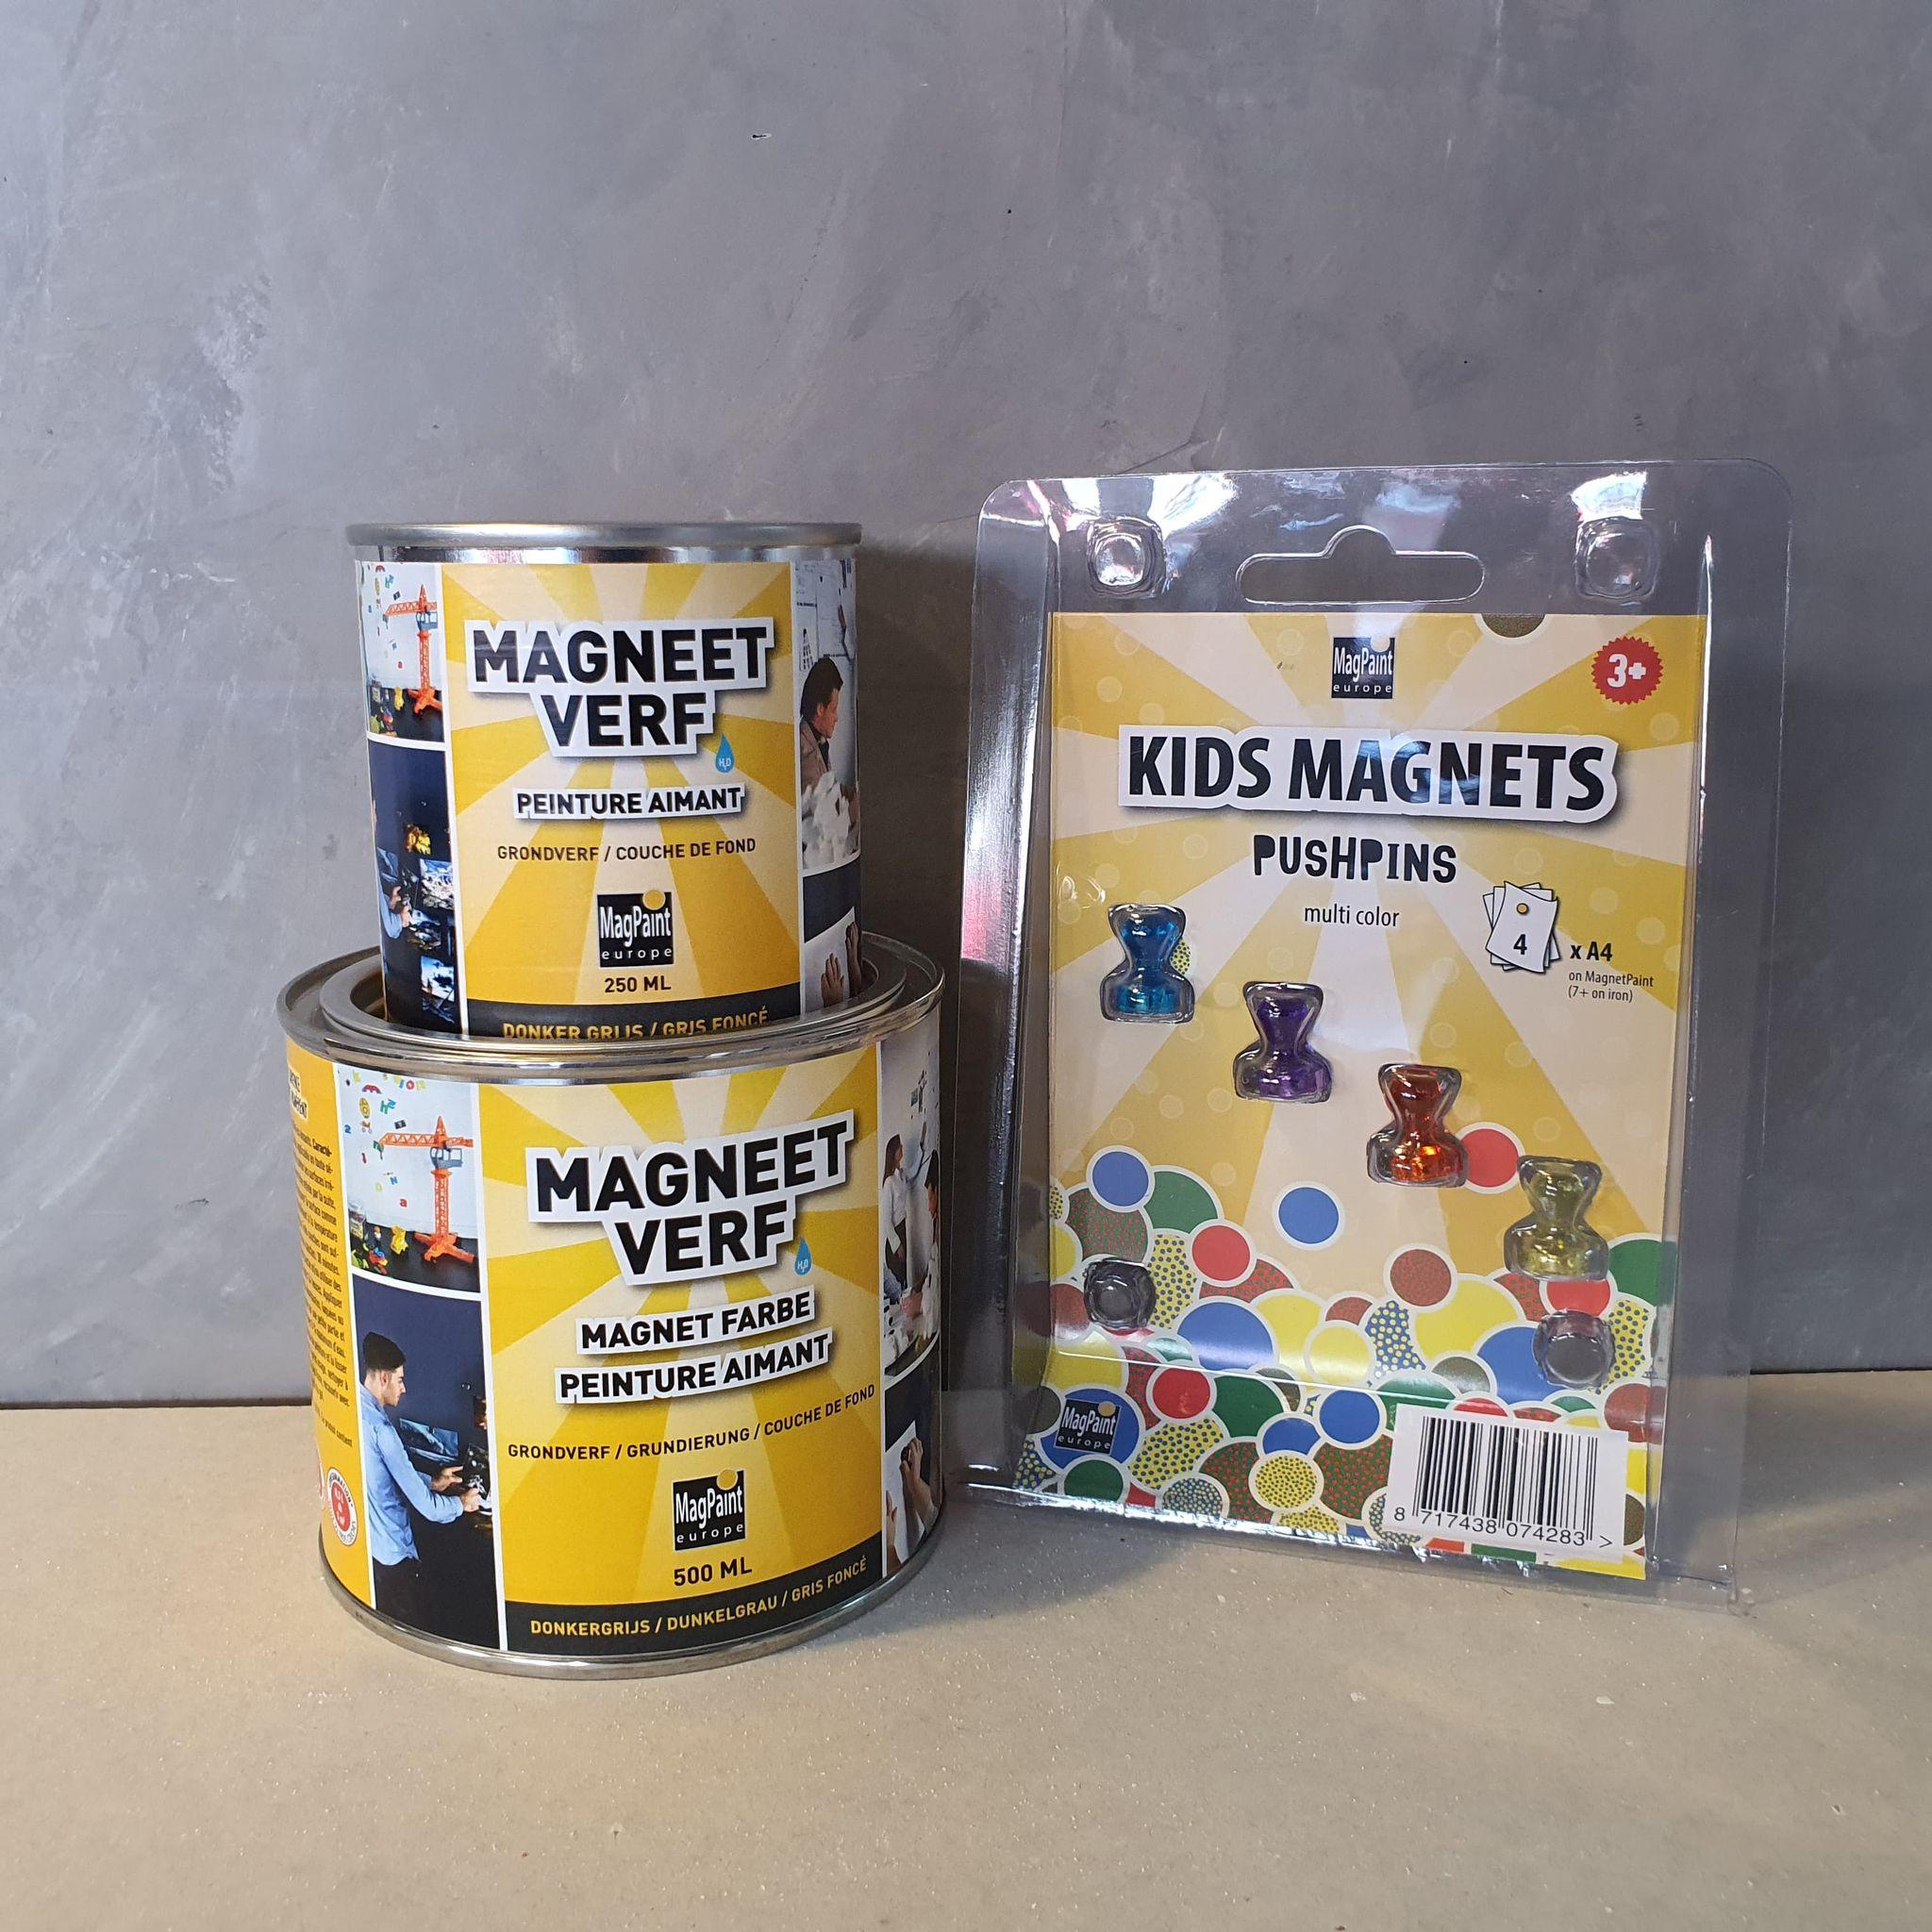 Magneetverf